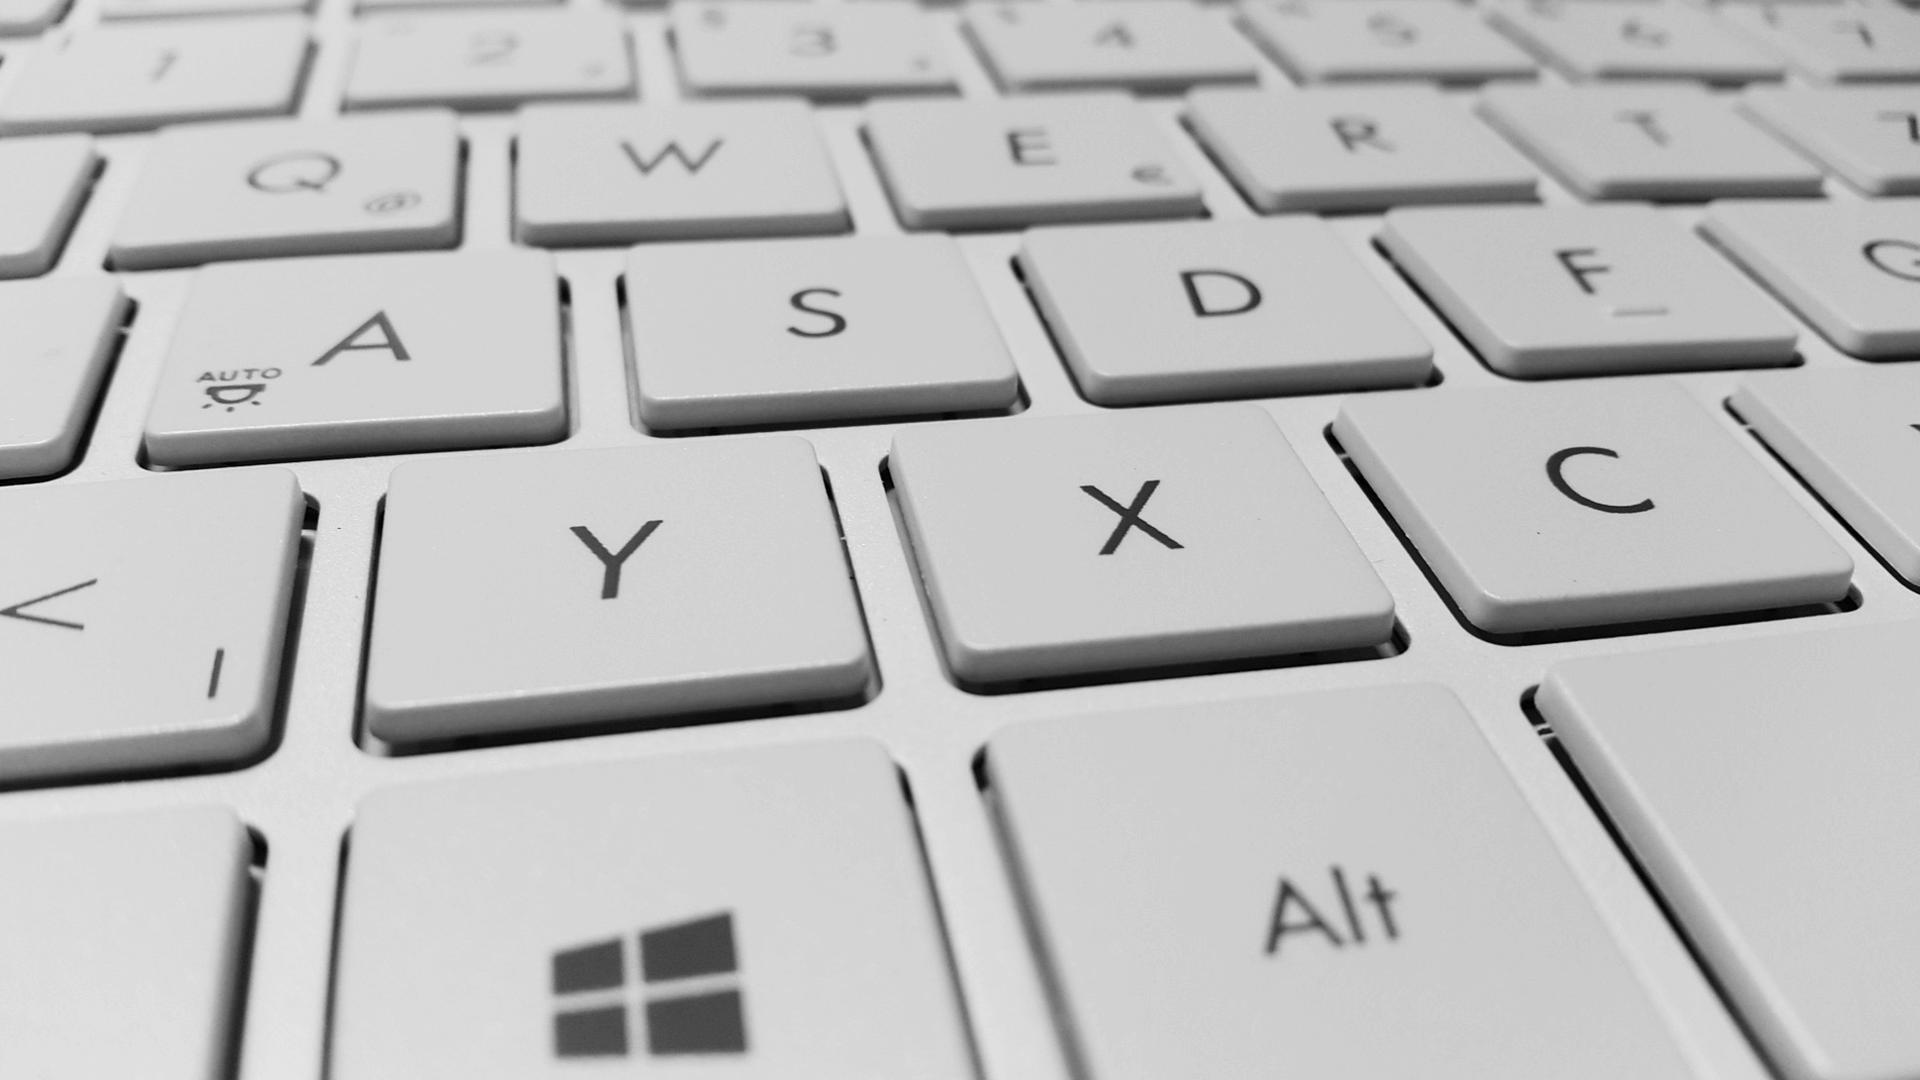 Warum gibt es keine Universaltastatur? AZERTY, QWERTY